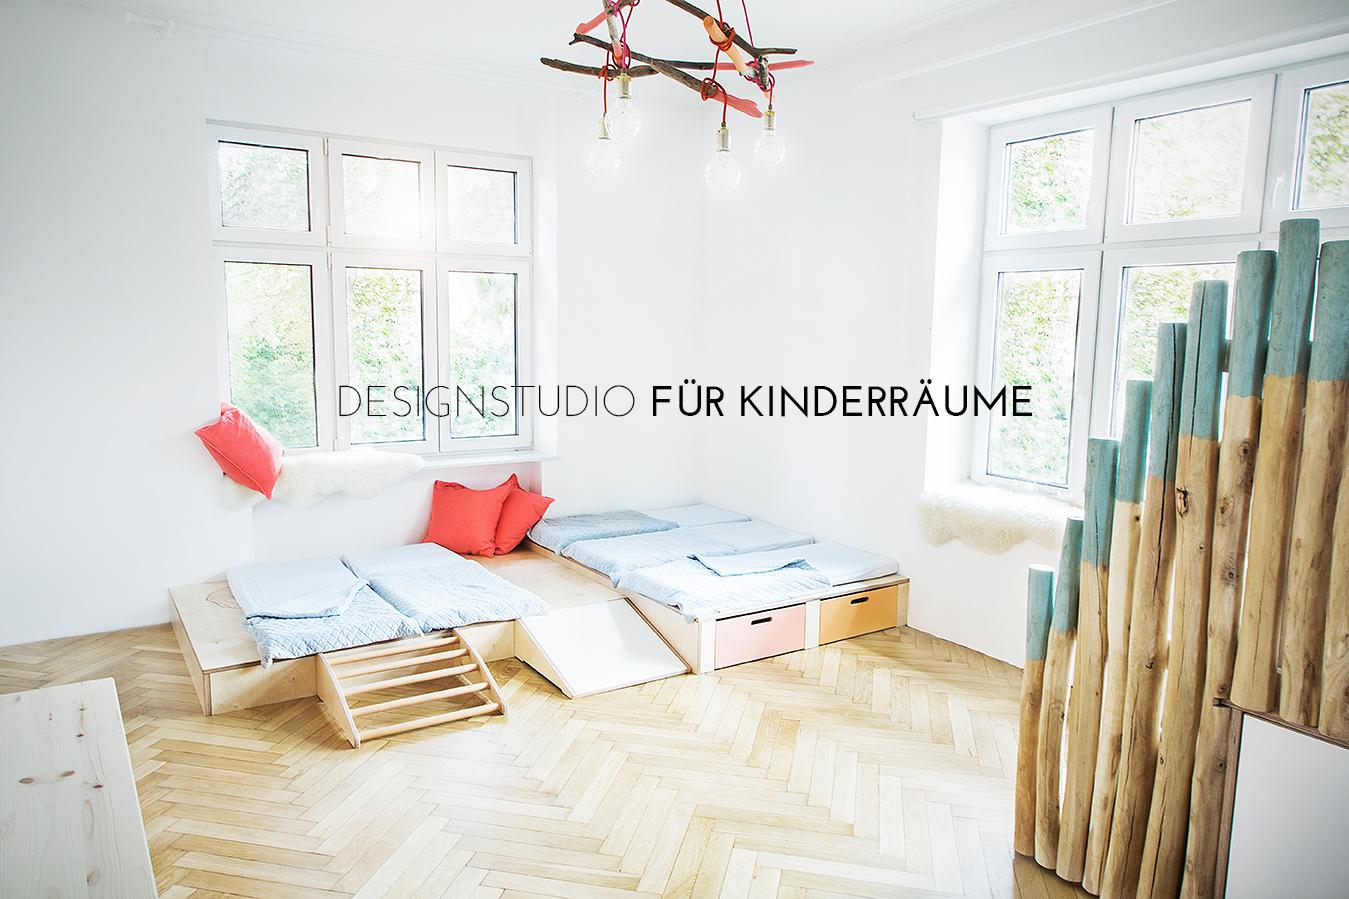 MJUKA_Studio MJUKA_Designstudio für Kinderräume